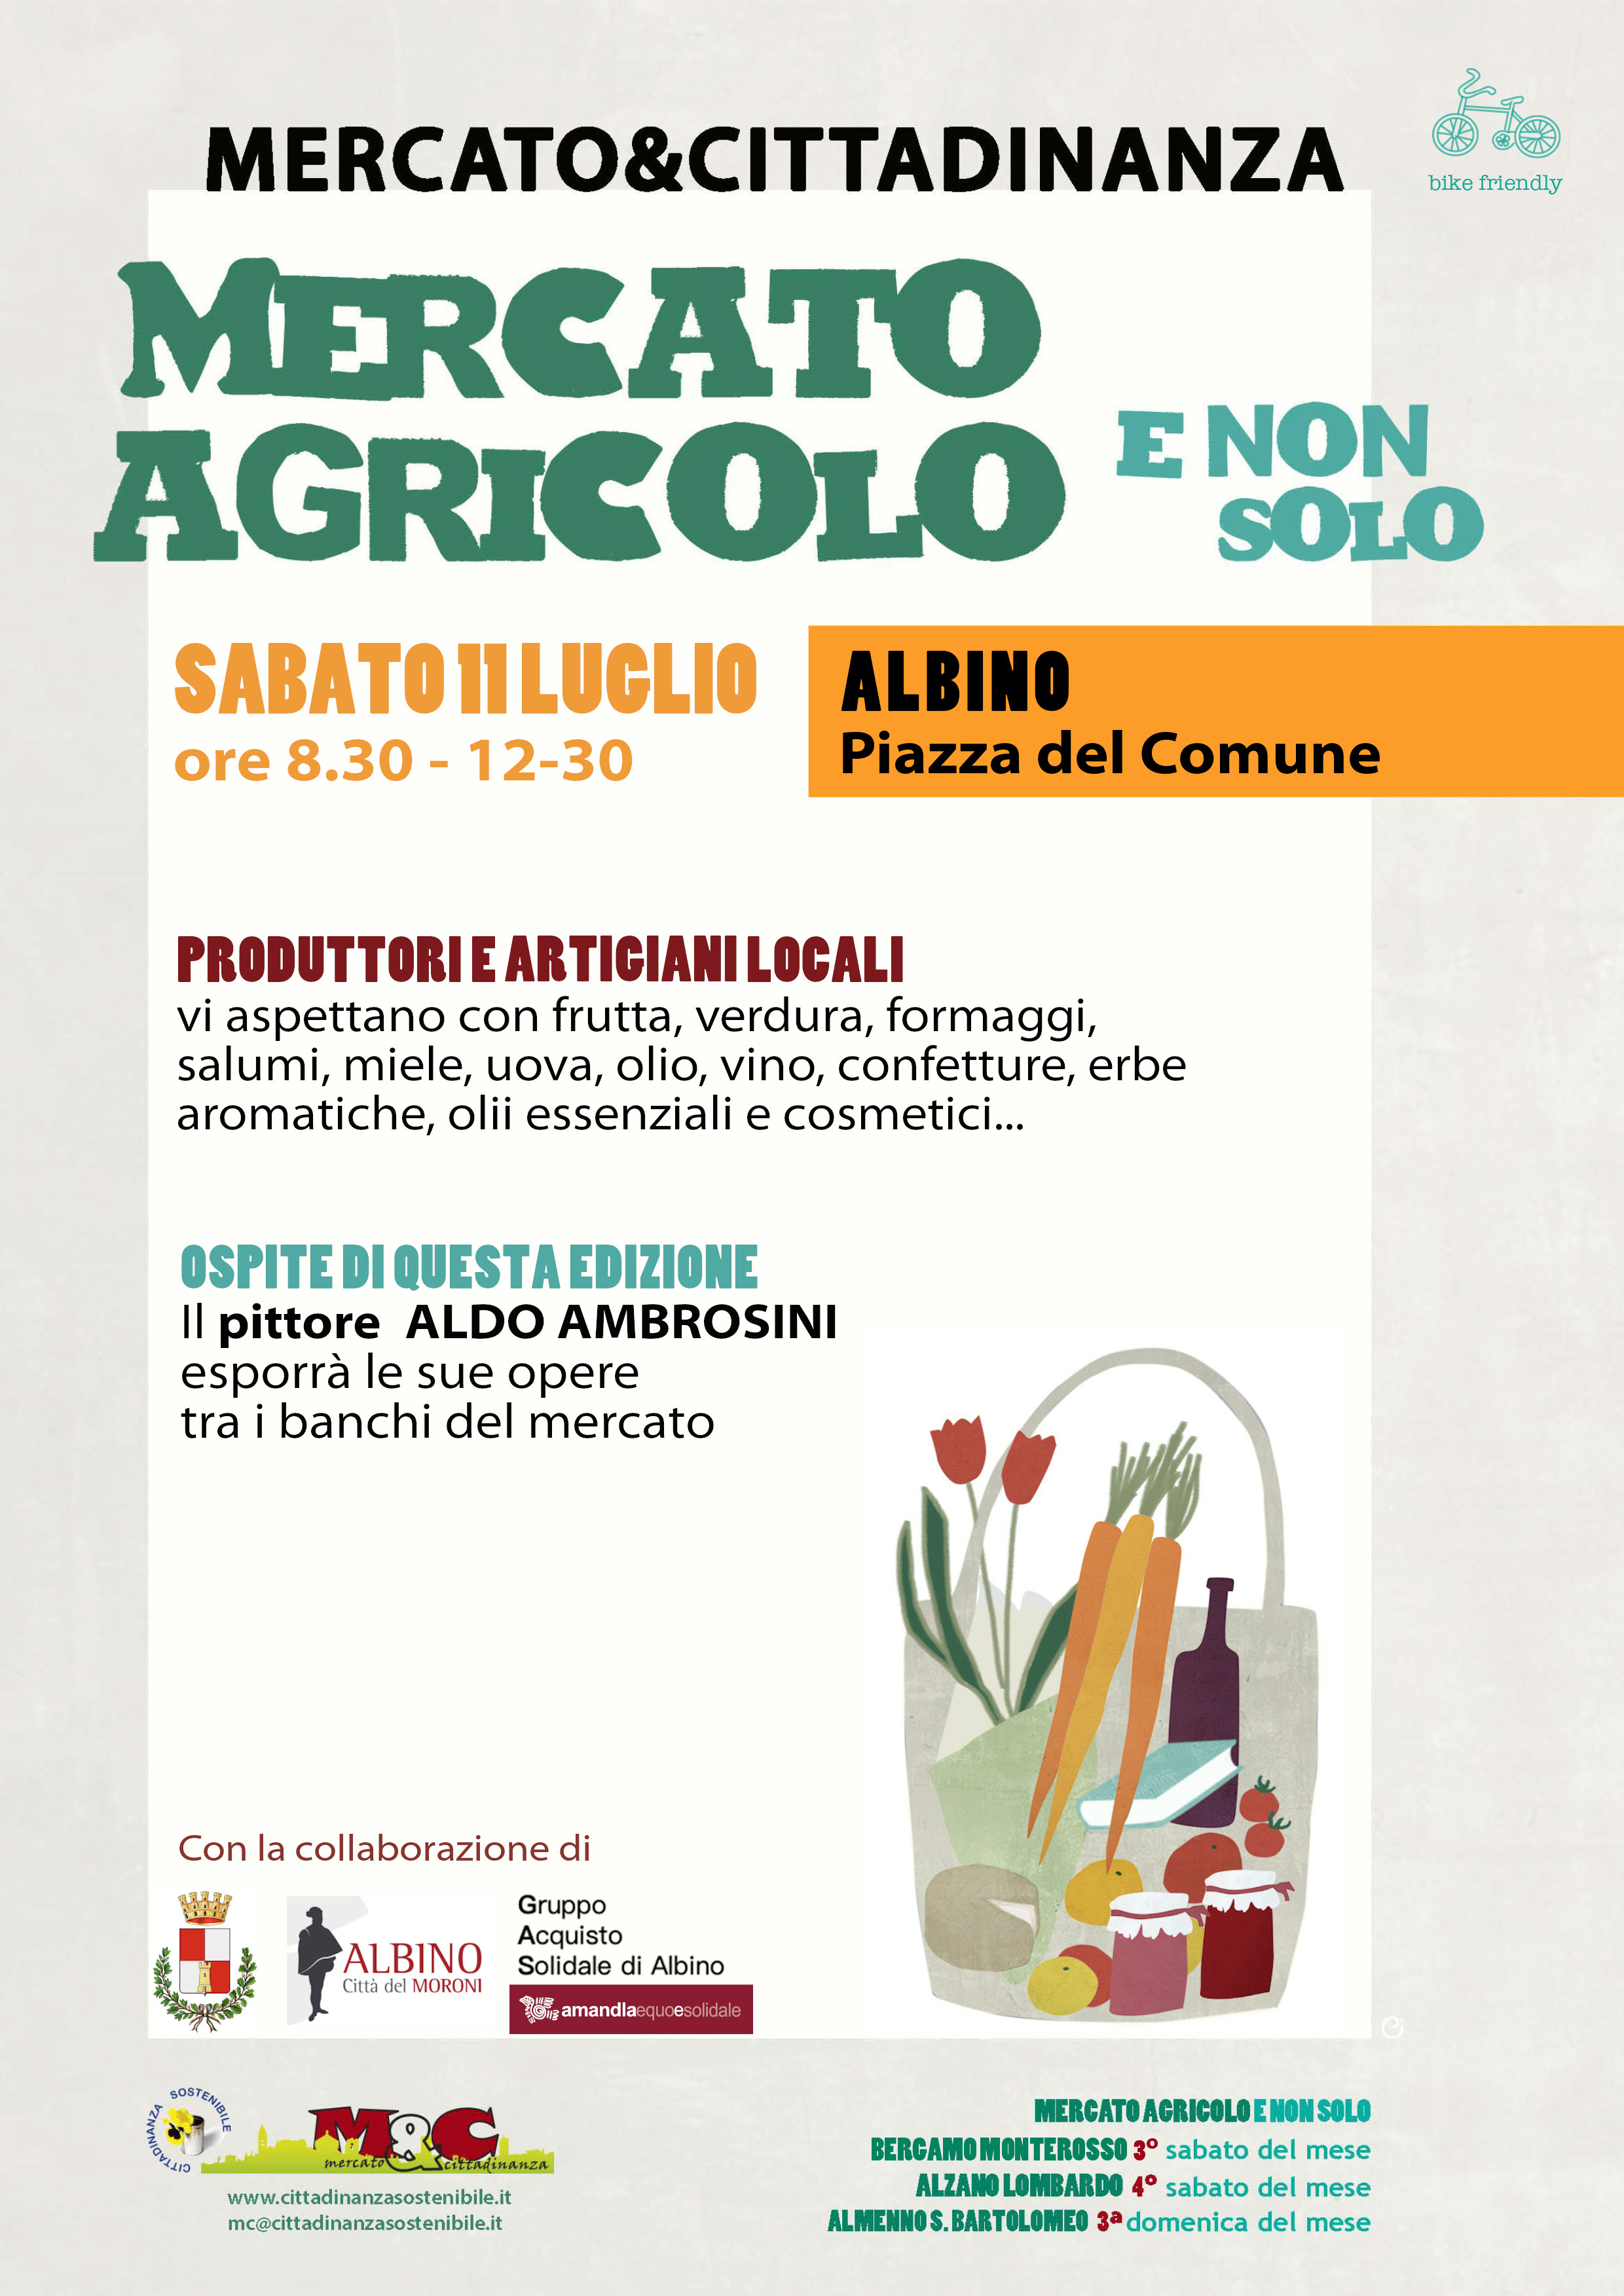 Albino 11 luglio 2020 - Mercato Agricolo e Non Solo